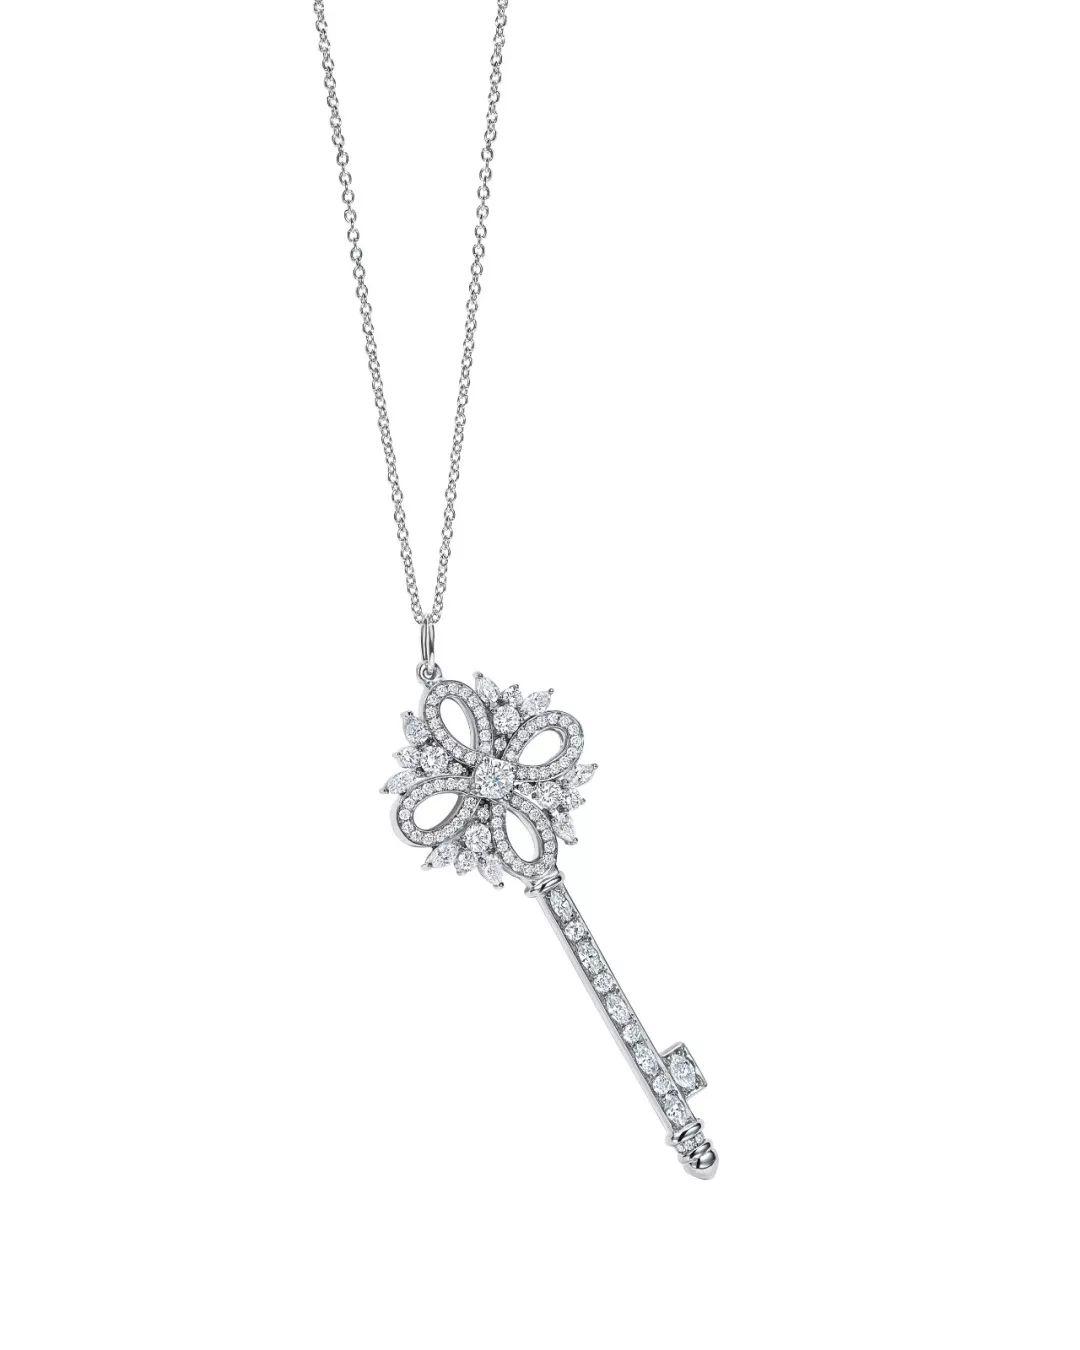 蒂芙尼Tiffany项链 1837系列经典双环18K金双环吊坠项链... -京东